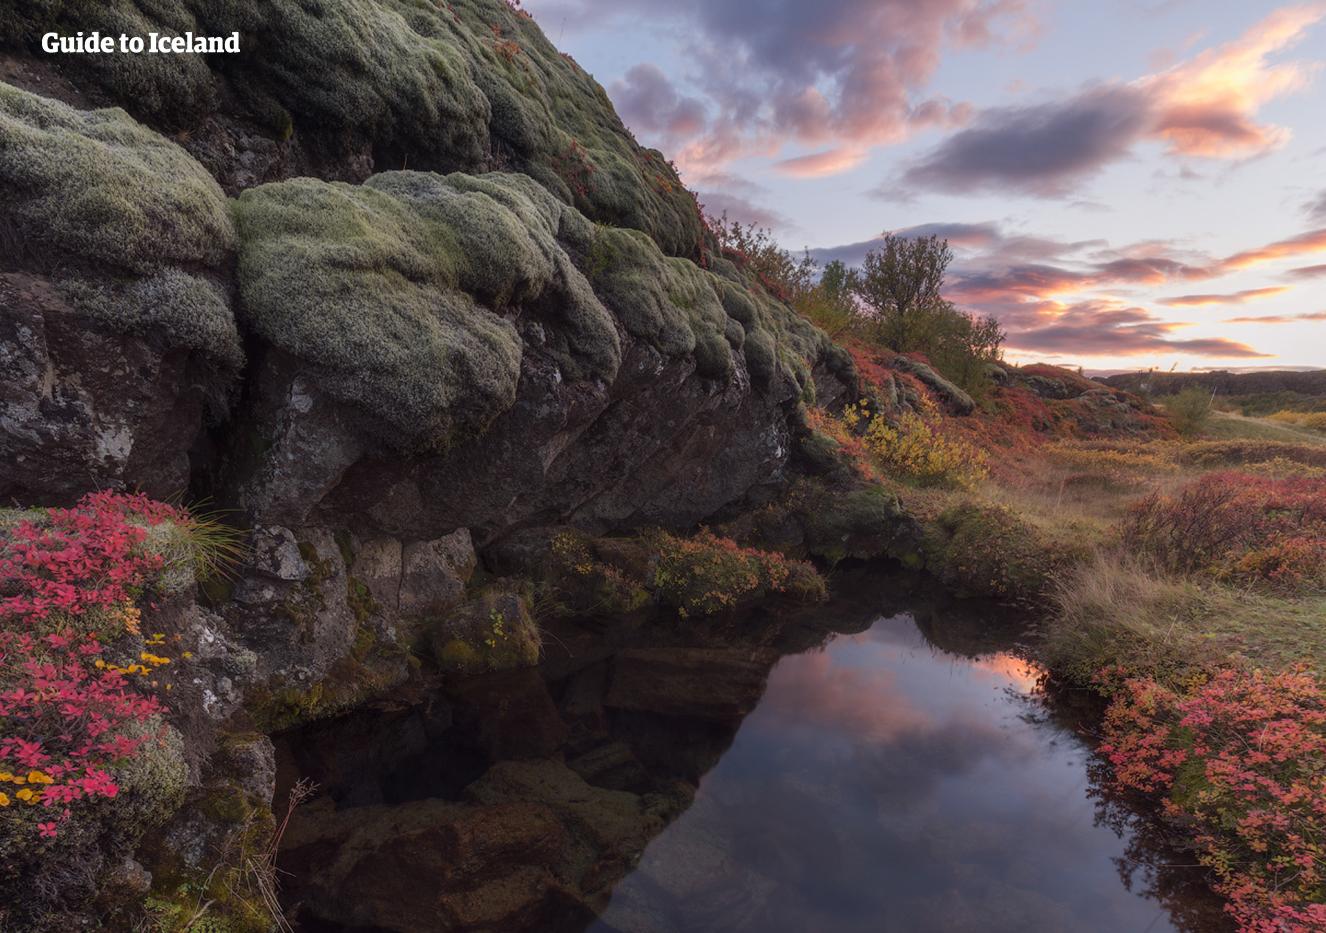 10-dniowe wakacje na Islandii z lotami z Reykjaviku do Akureyri, pełne wodospadów i gorących źródeł - day 2